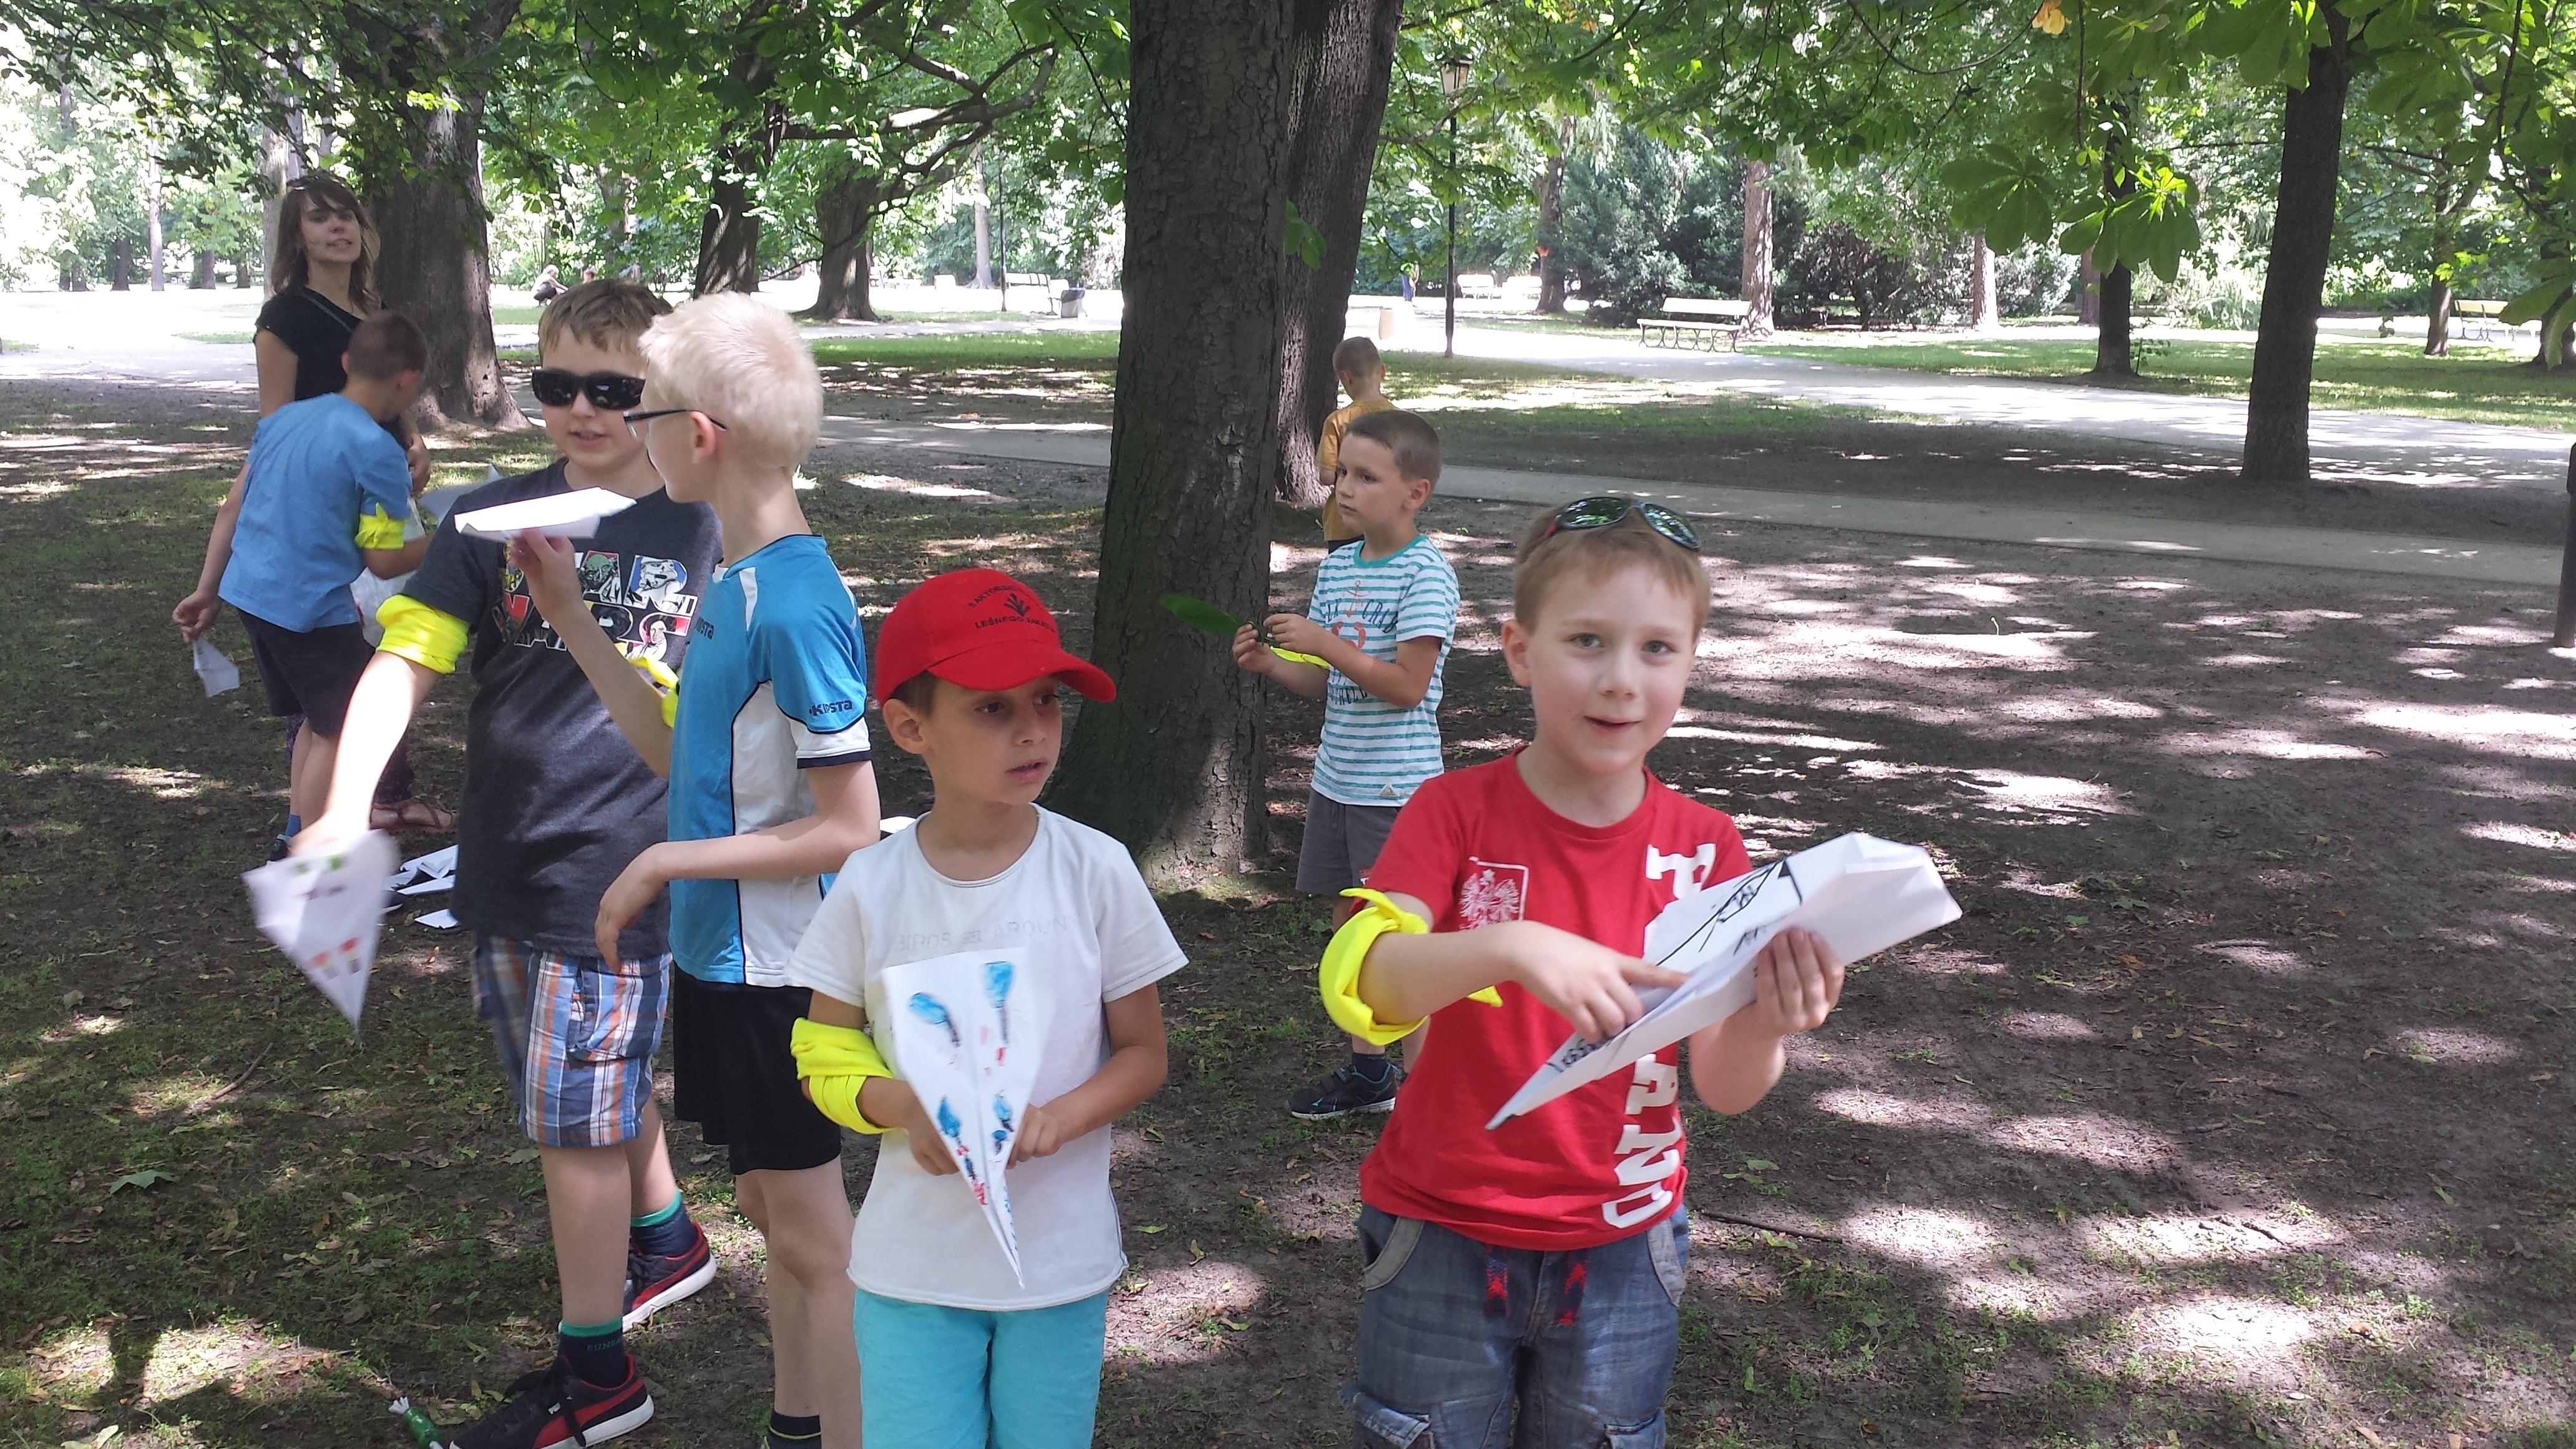 angielski dla dzieci archibald kids wakacje